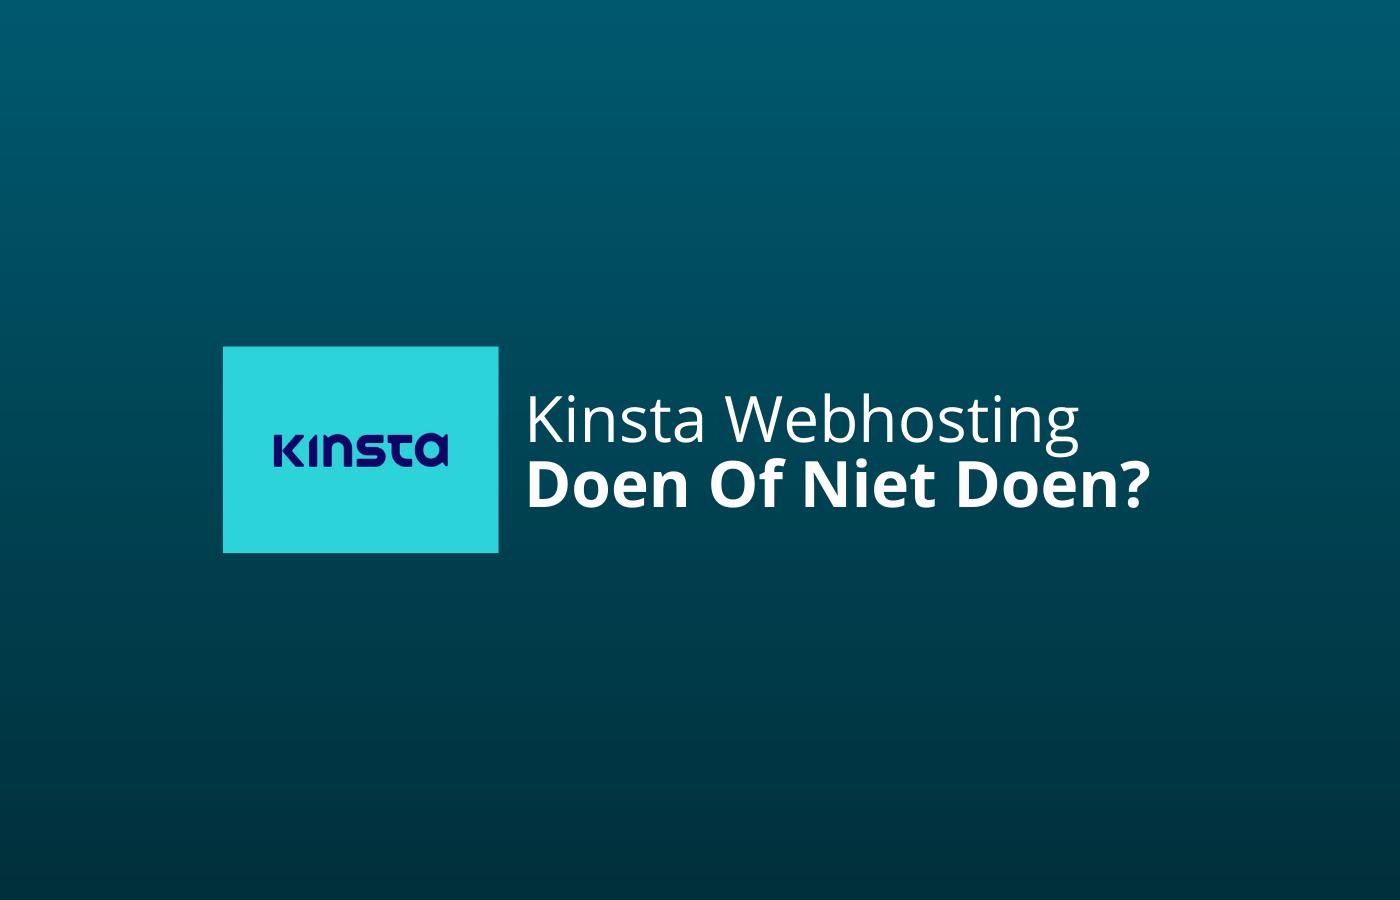 Kinsta Webhosting Doen Of Niet Doen_